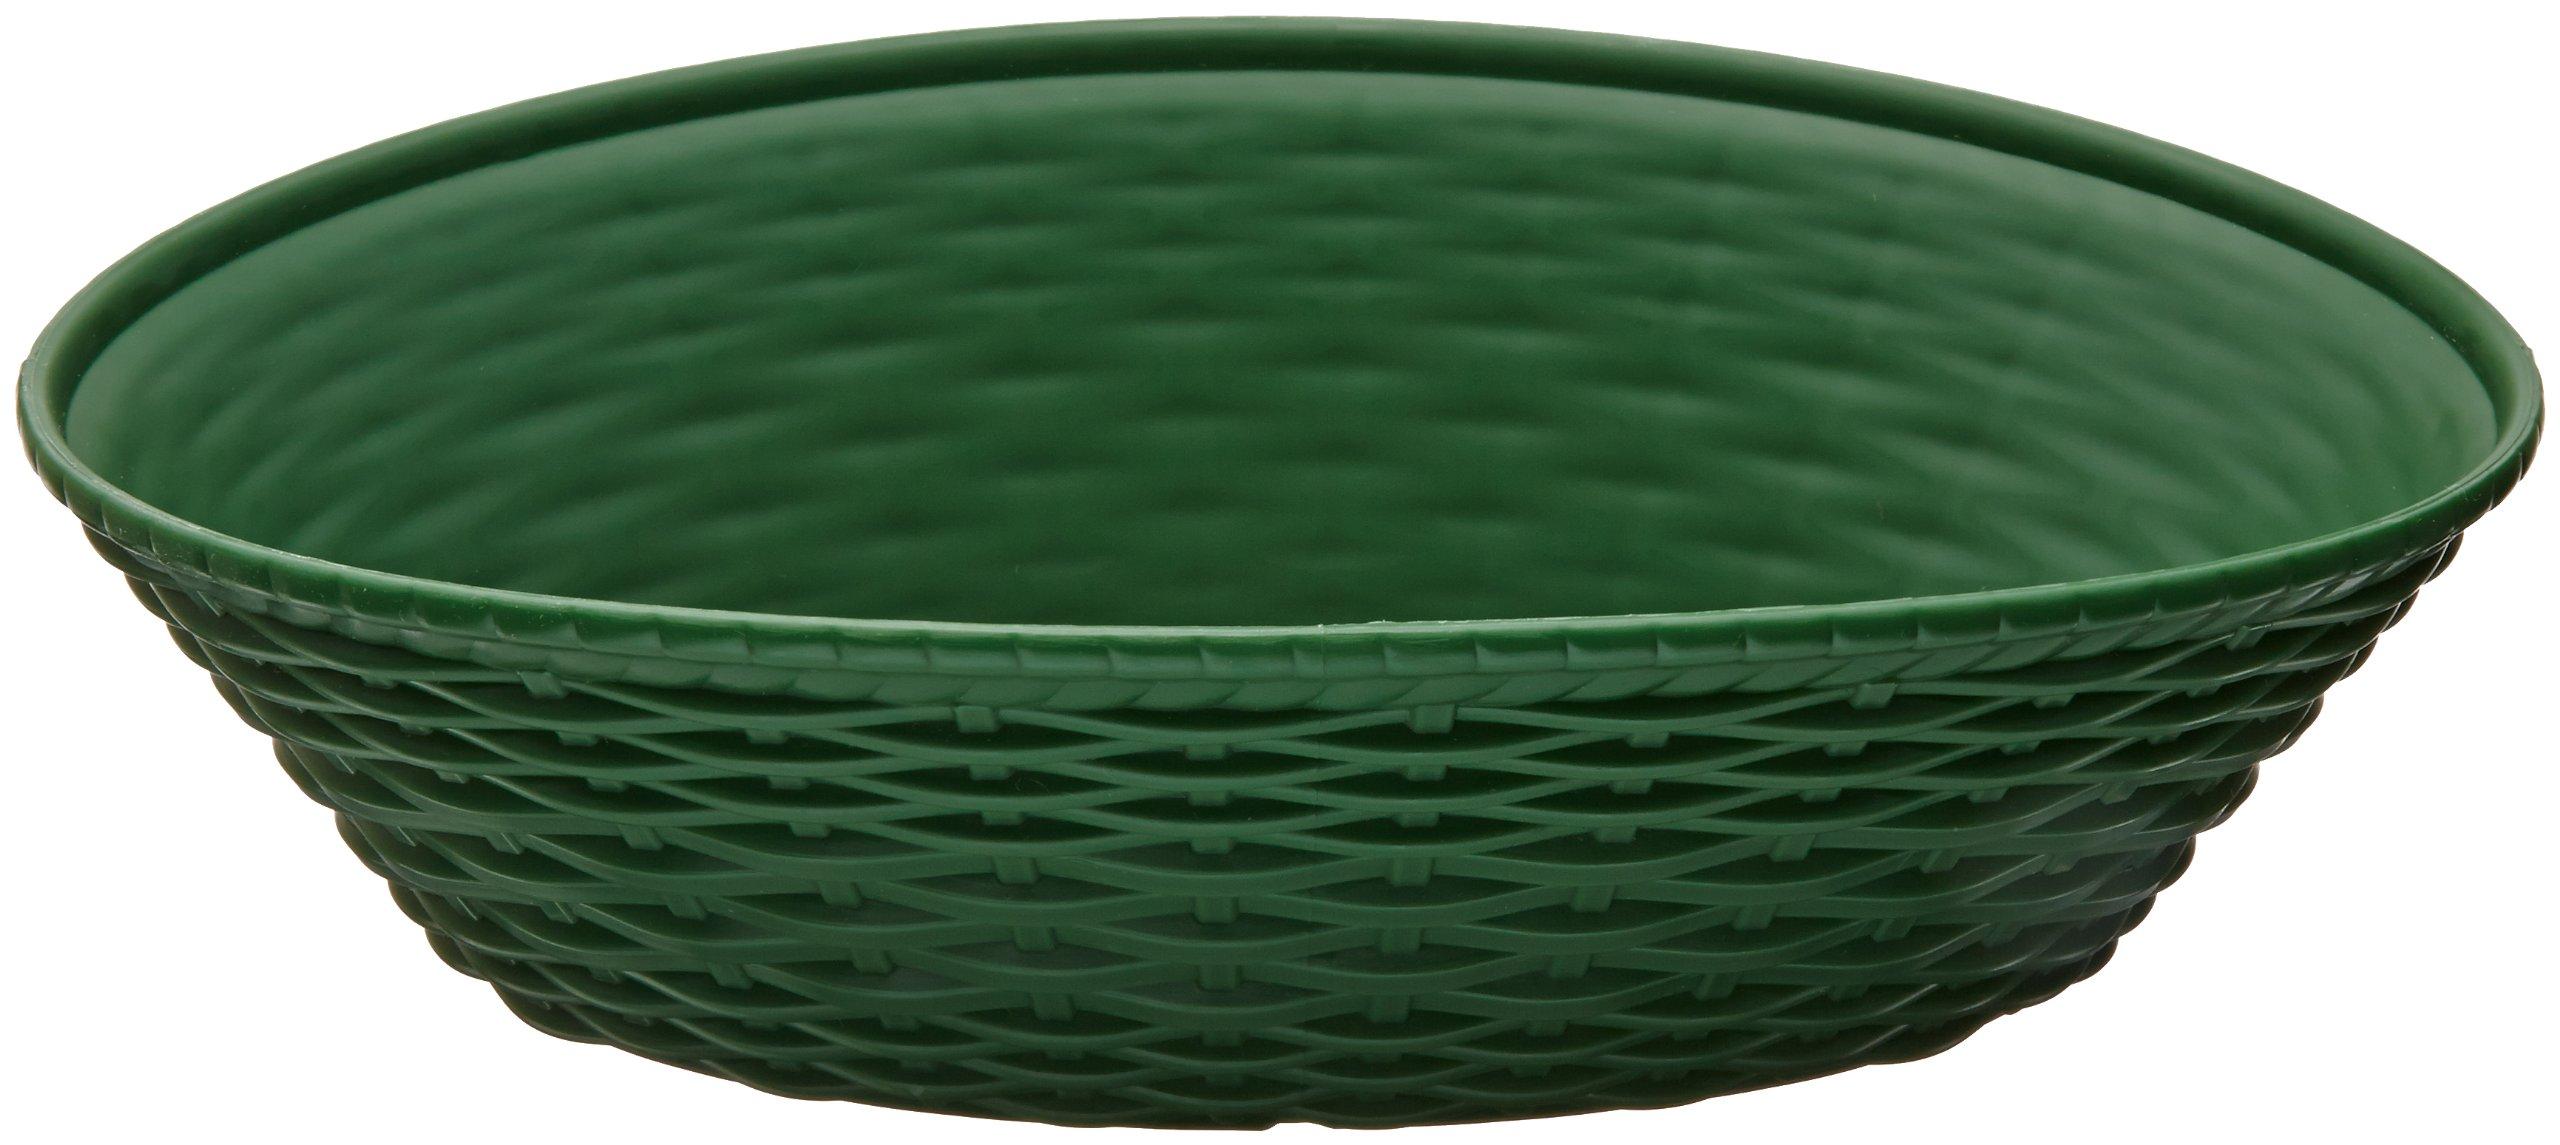 Carlisle 650409 WeaveWear Oval Serving Basket, 9'' x 6'', Green (Pack of 12)